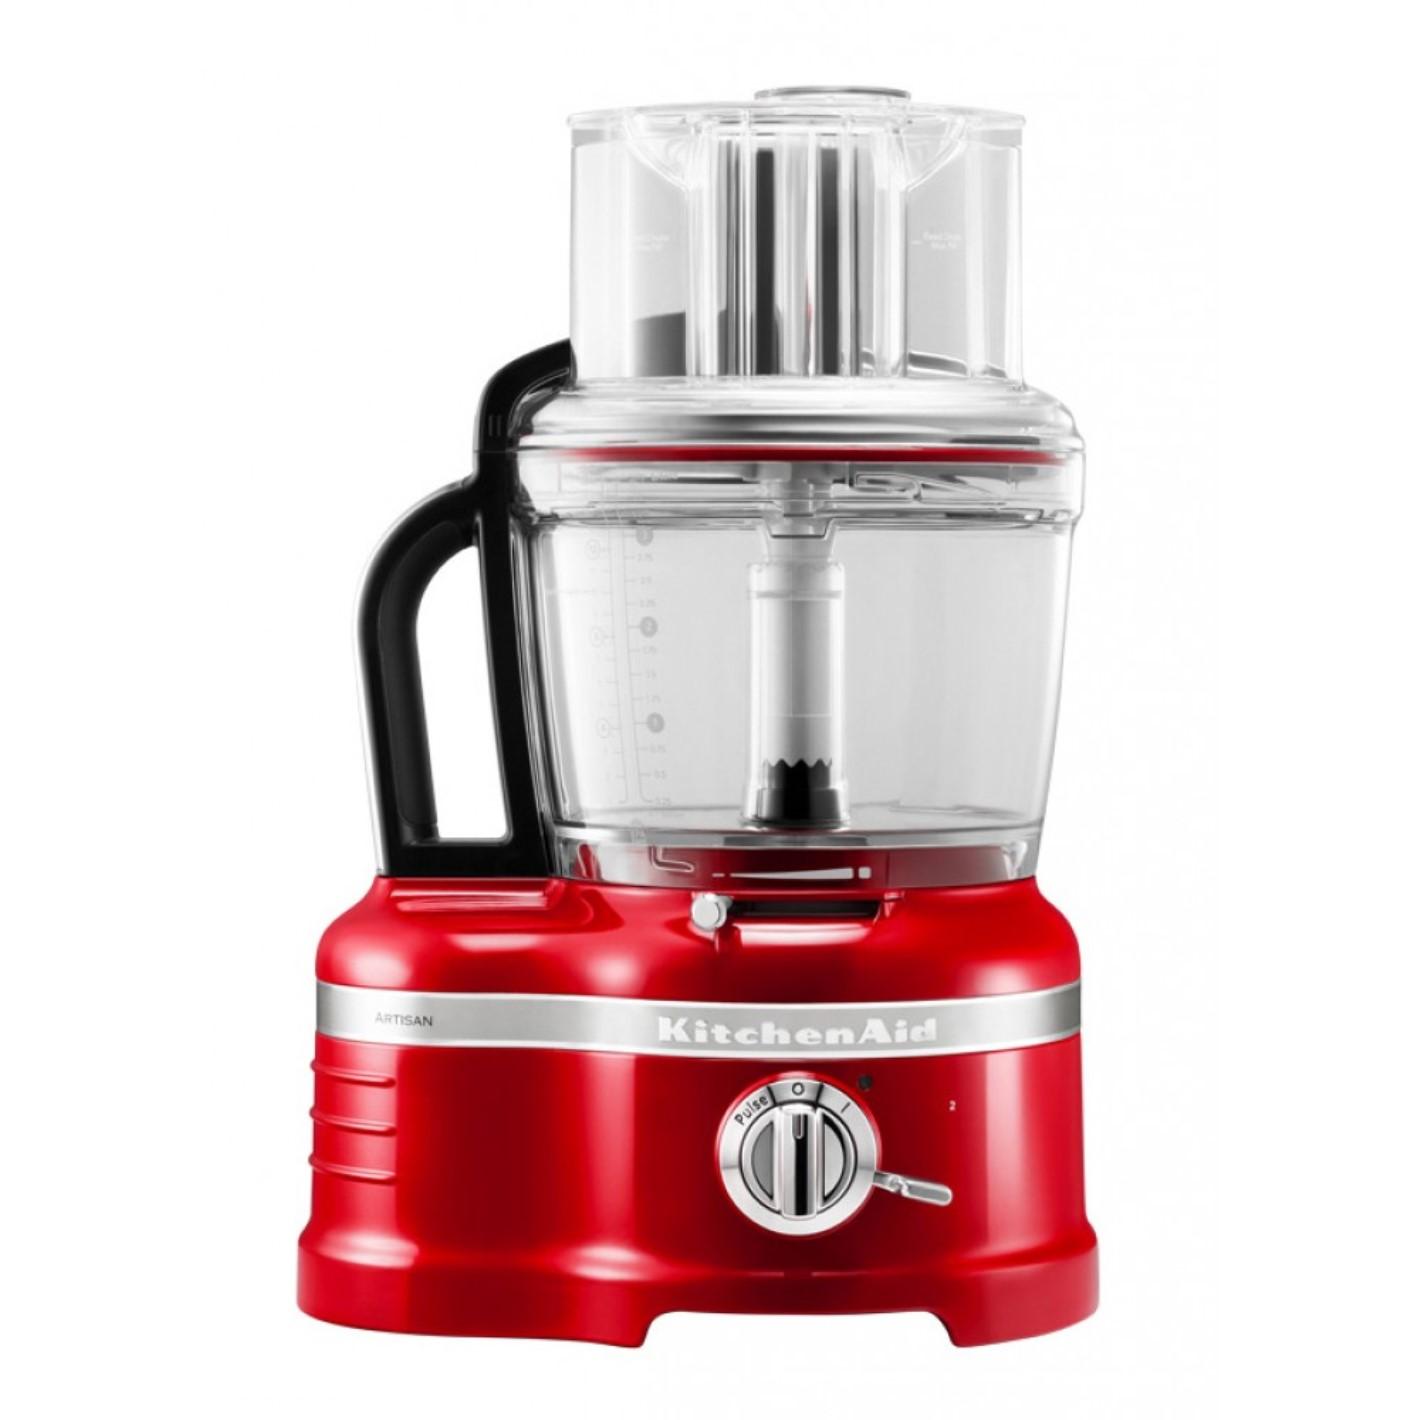 Онлайн каталог PROMENU: Кухонный комбайн KitchenAid Artisan, объем 4 л, красный                                   5KFP1644EER PR